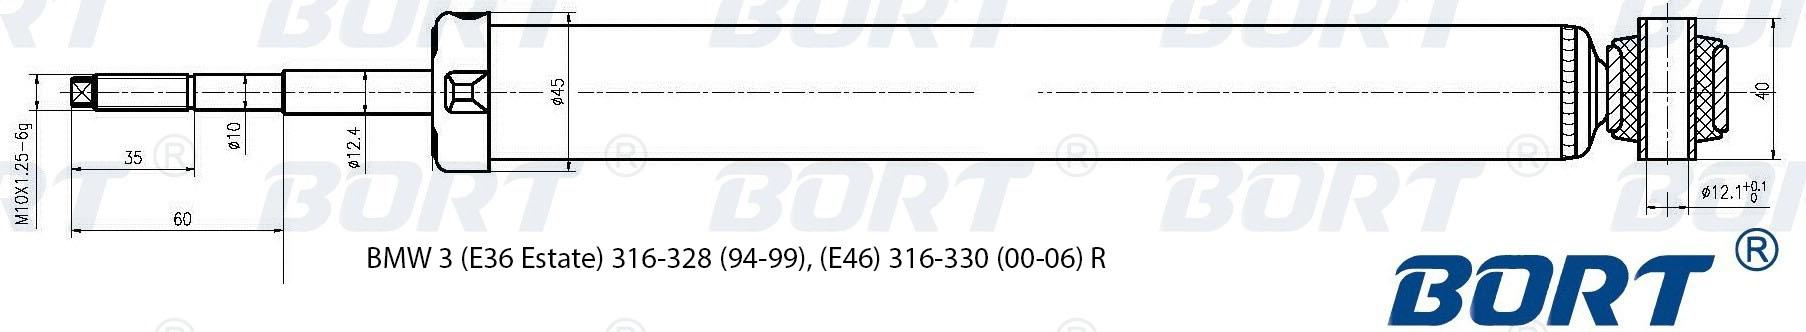 Амортизатор газомасляный задний. BORT (G41238083)